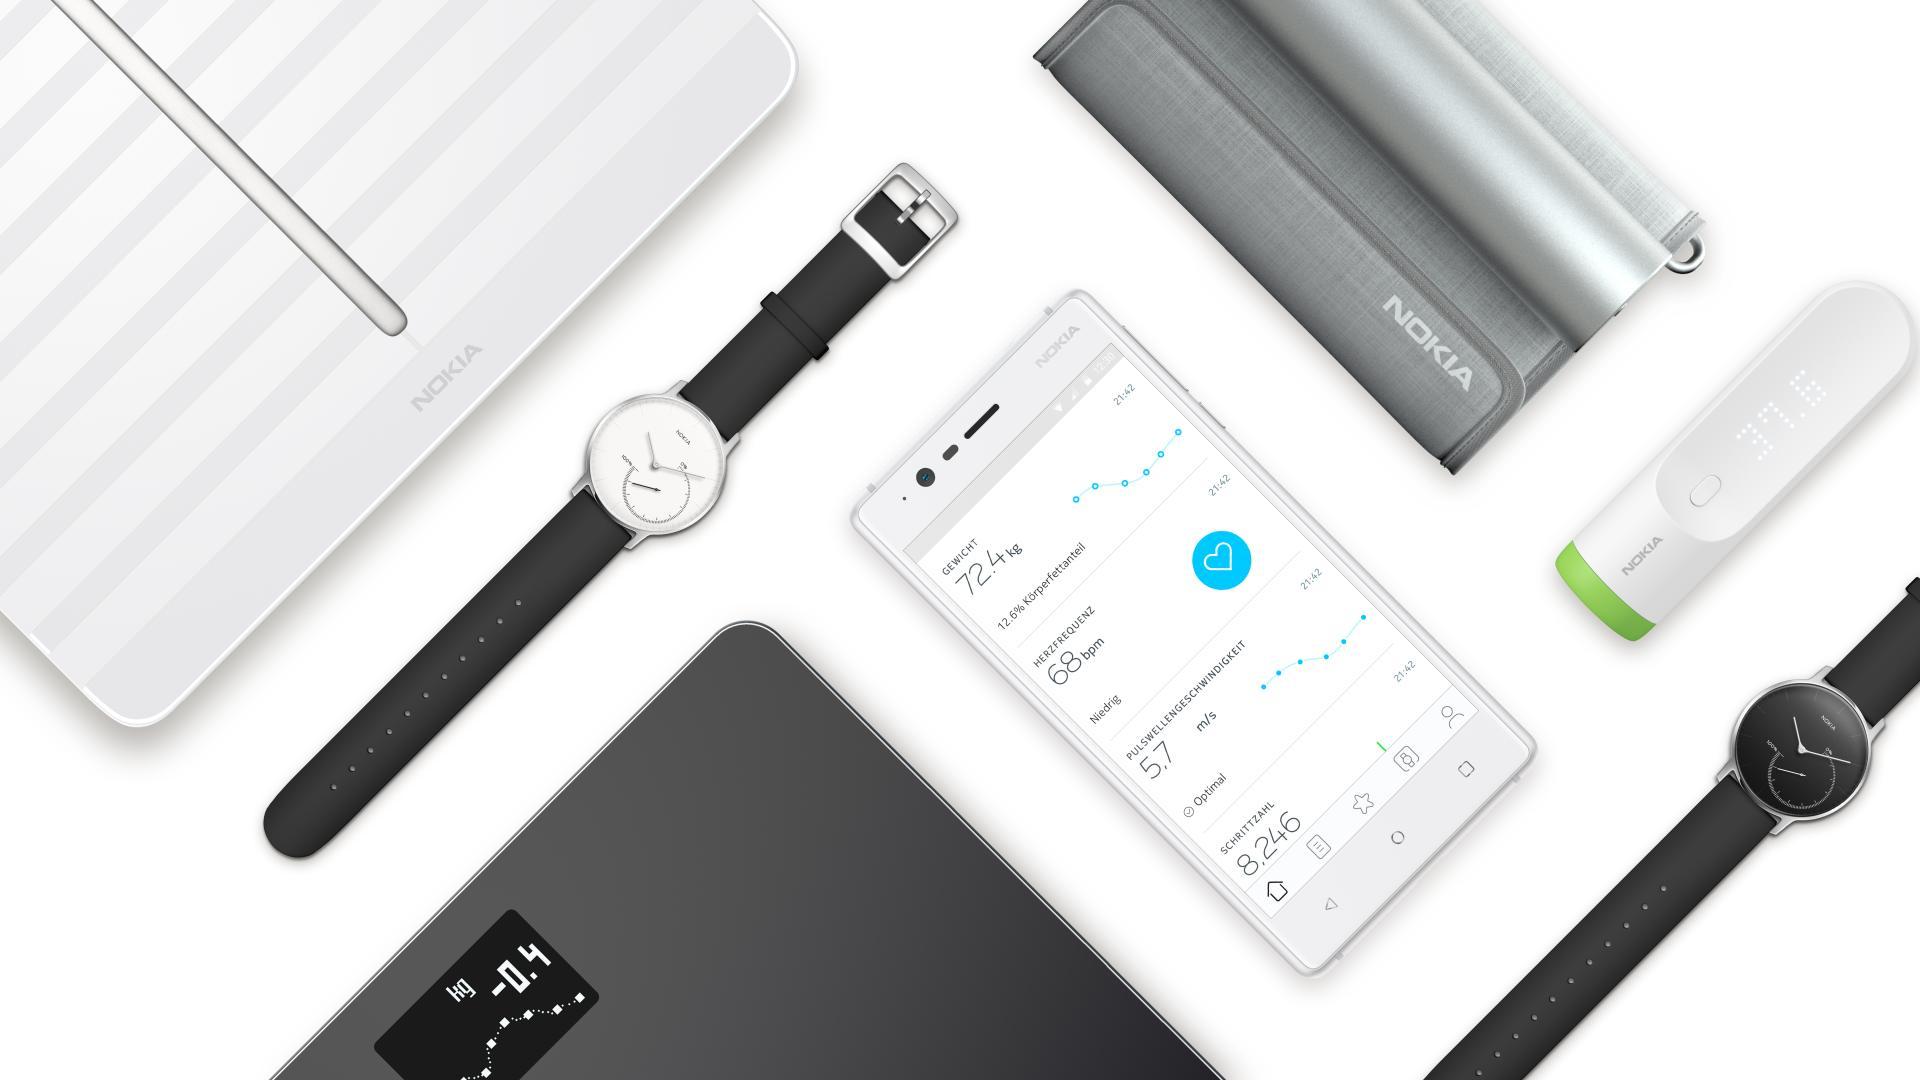 NokiaBodyWLANSystem1